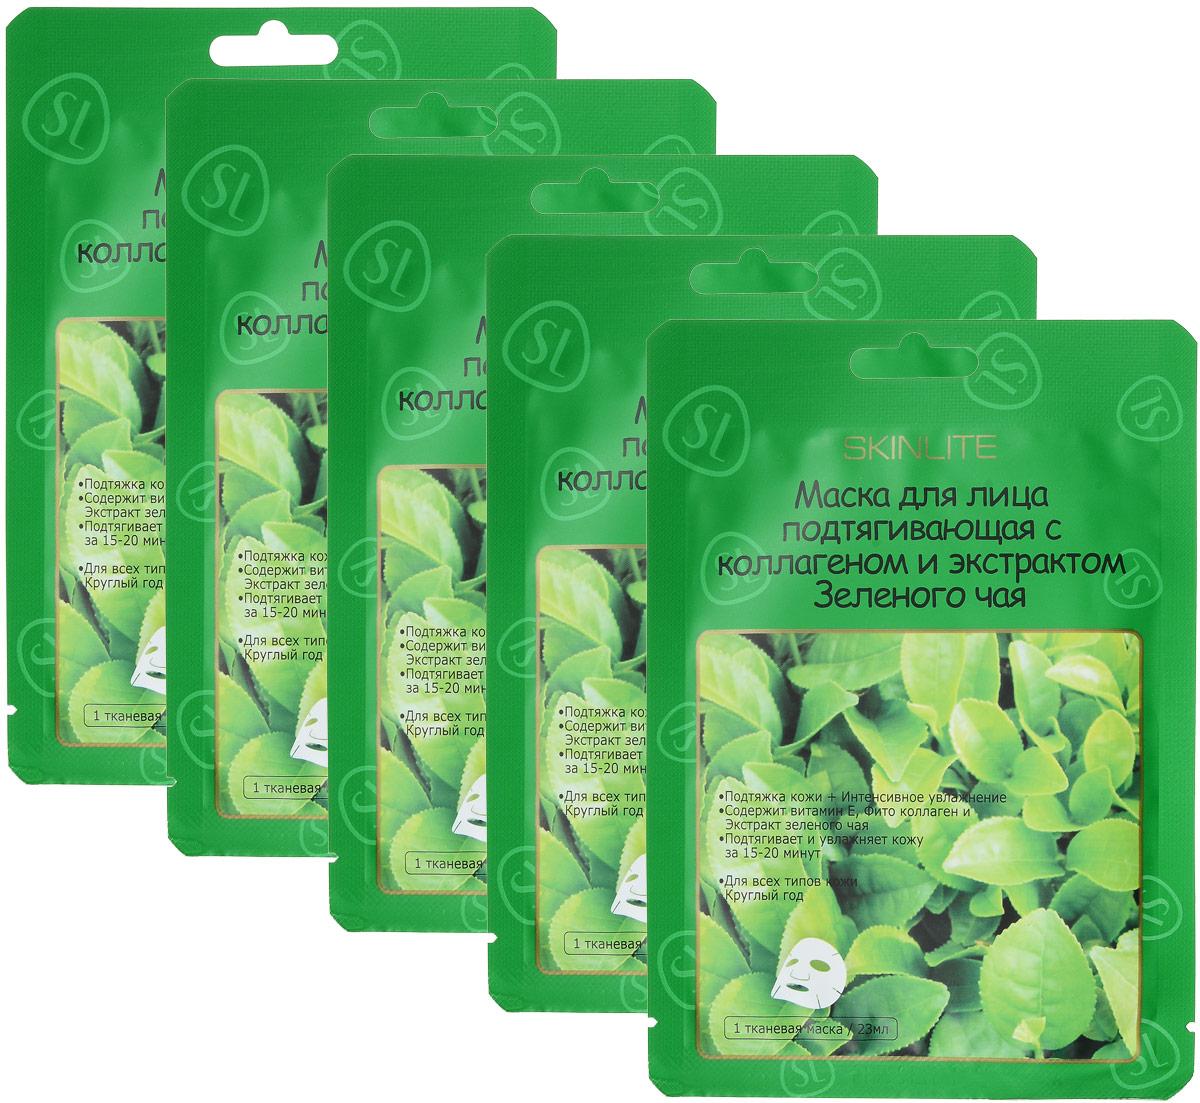 Skinlite Набор масок для лица, подтягивающих, с коллагеном и экстрактом зеленого чая, 5 шт7634Маска для лица подтягивающая с коллагеном и экстрактом Зеленого чая: содержит витамин Е, Фито коллаген и Экстракт зеленого чая; подтягивает и увлажняет кожу за 15-20 минут;гипоаллергенна;не тестировалась на животных. Содержит мощные антиоксиданты, такие как Экстракт Зеленого чая, Витамин Е, Фито Коллаген, а также сильные натуральные увлажнители: Корень Солодки (Двукалиевый Глициризат) и Экстракт Портулака. Эта специальная формула помогает избавиться от сухости кожи, а также делает кожу более упругой и эластичной, эффективно подтягивая ее.Способ применения:1. Полностью очистите и высушите лицо.2. Достаньте маску из упаковки и разверните, потянув за края. 3. Аккуратно приложите маску к лицу, убедившись, что она плотно прилегает к коже. 4. Оставьте маску на 15-20 минут. 5. Снимите, медленно потянув за края. Если у Вас на лице осталась не впитавшаяся масса, помассируйте кожу до полного впитывания.Не смывайте. Товар сертифицирован.